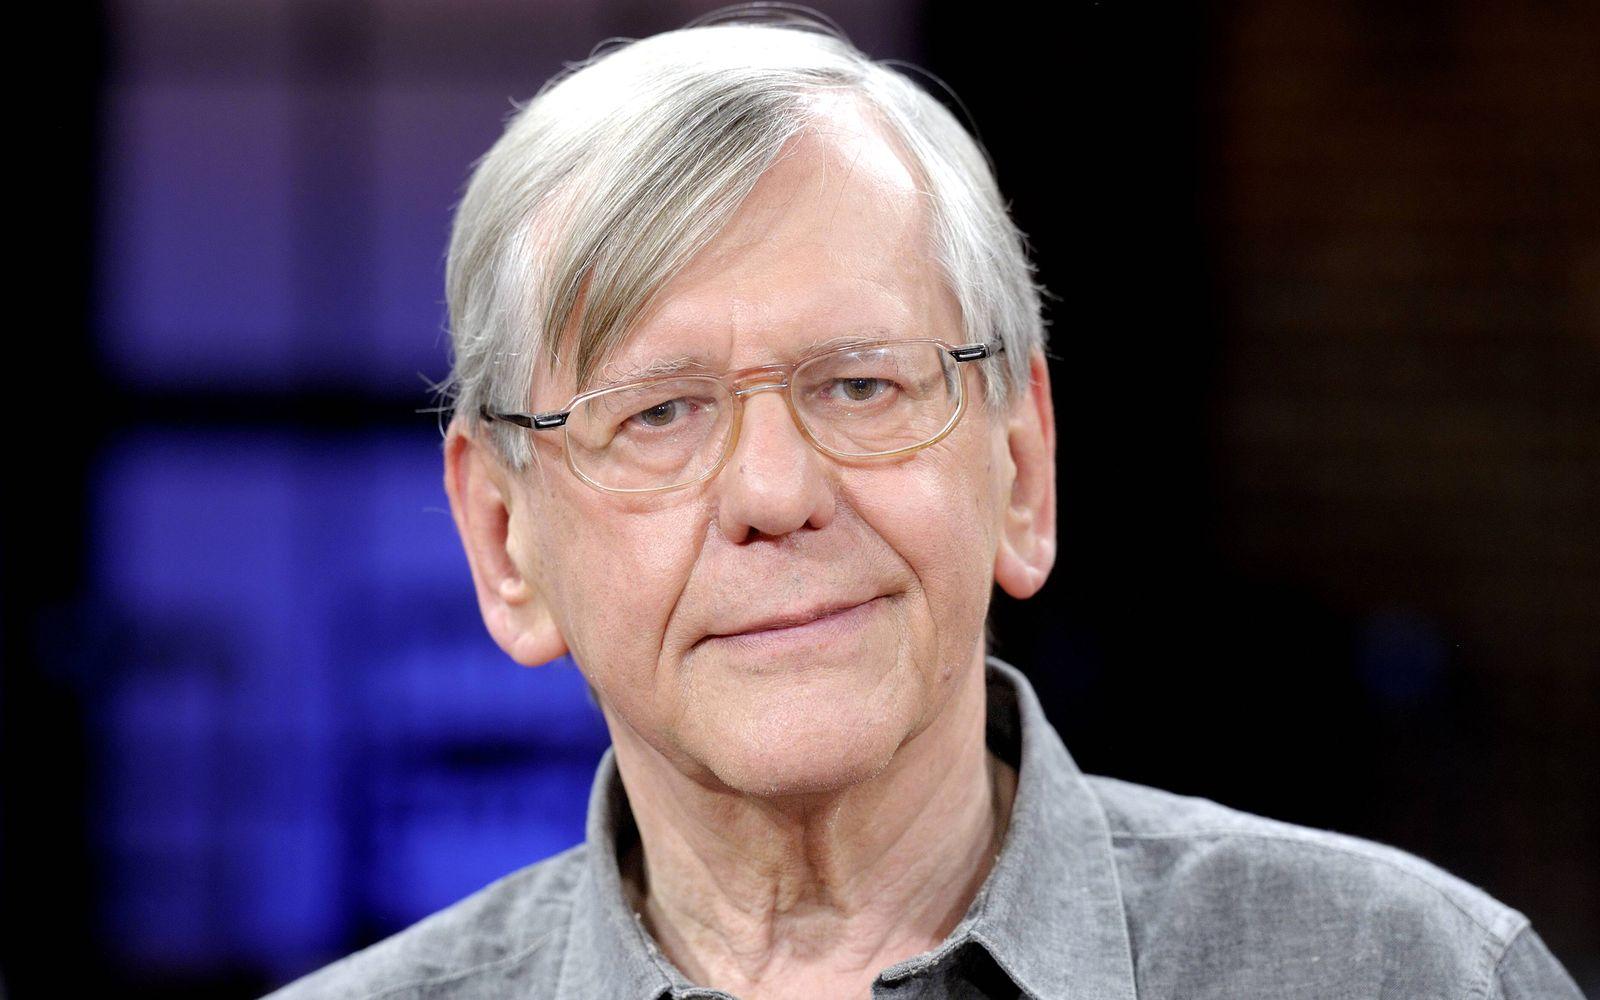 Herbert FEUERSTEIN Kabarettist und Autor Herbert FEUERSTEIN Cabaret artist and author 15 06 2012